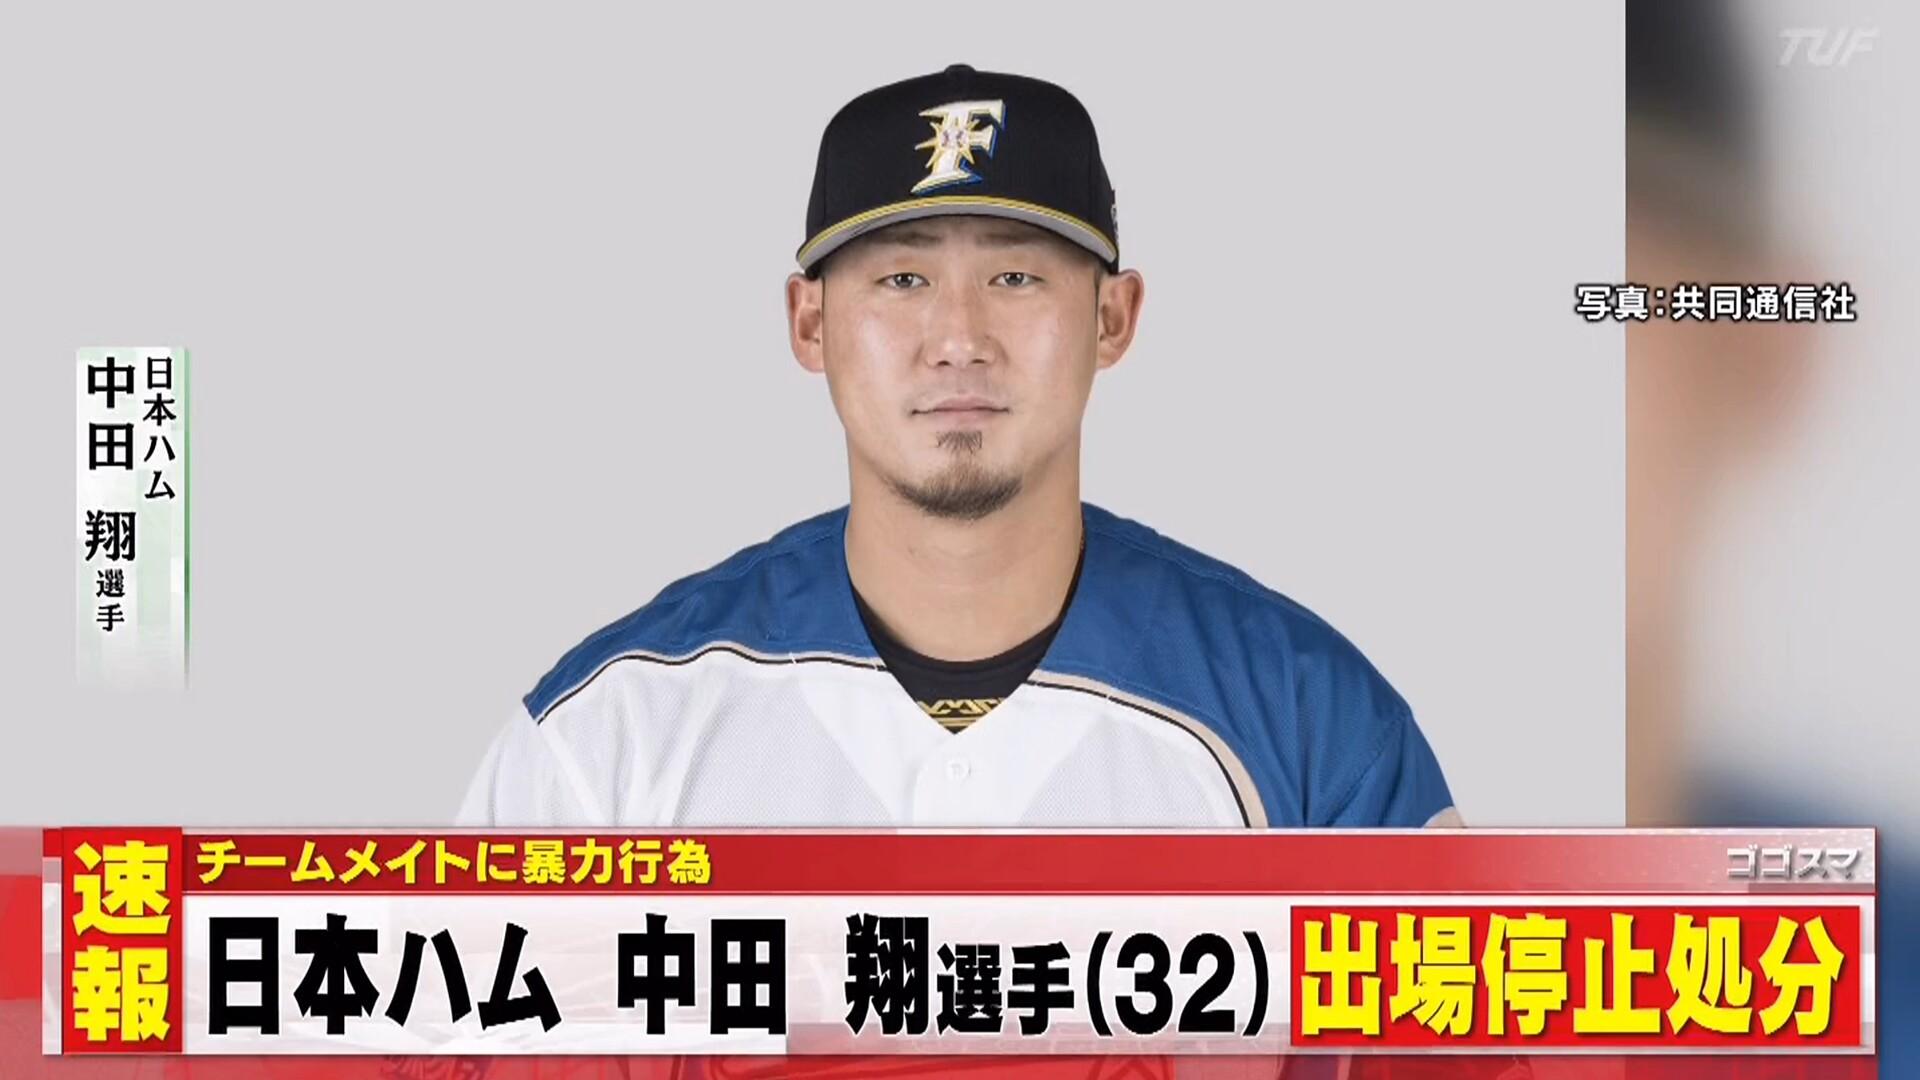 中田翔、チームメイトへの暴力行為で出場停止処分